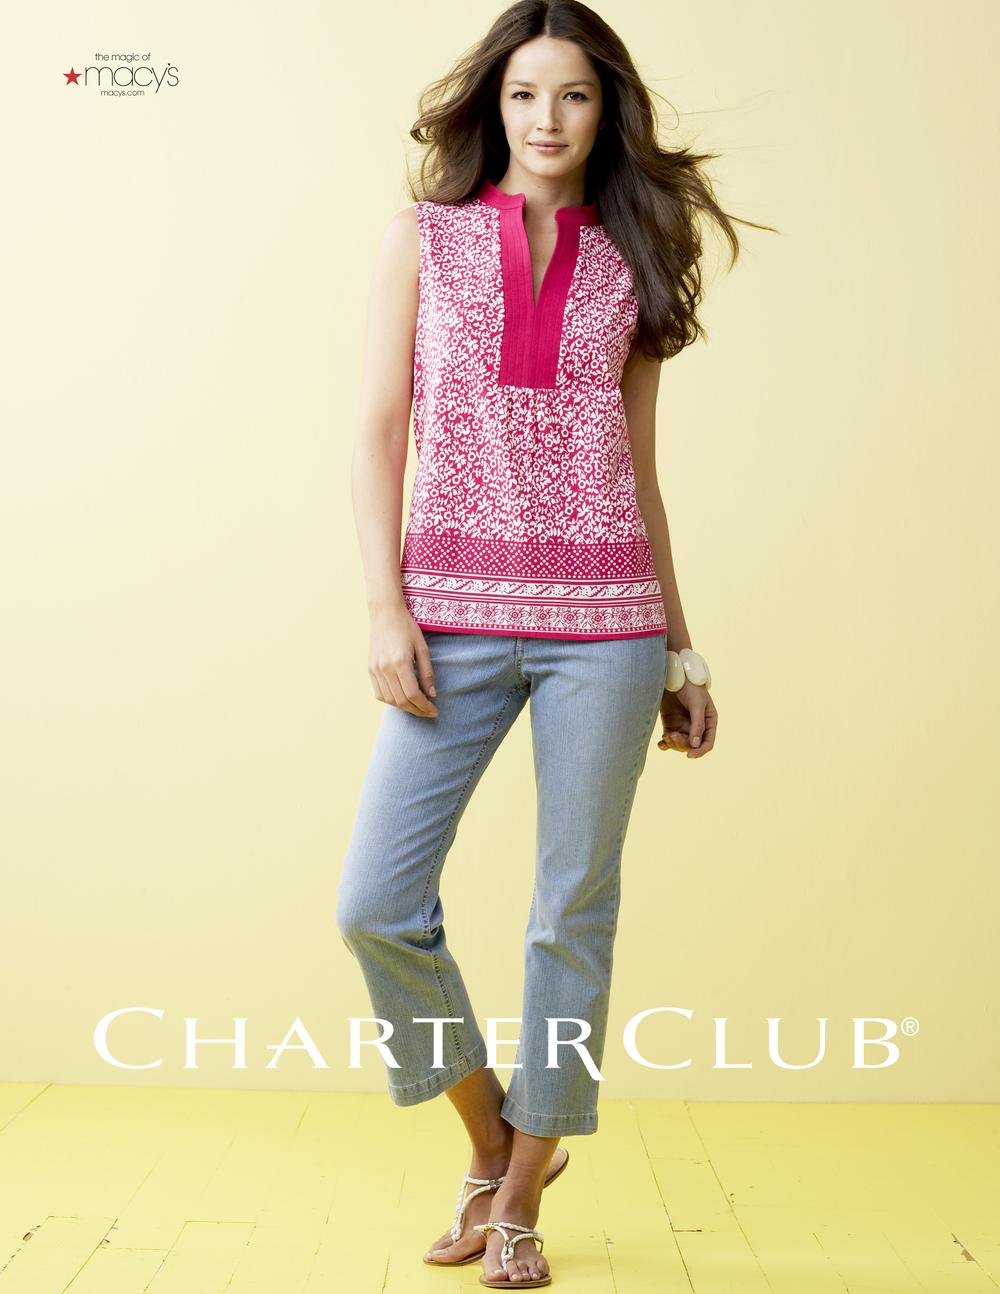 Charter Club pg5.jpg